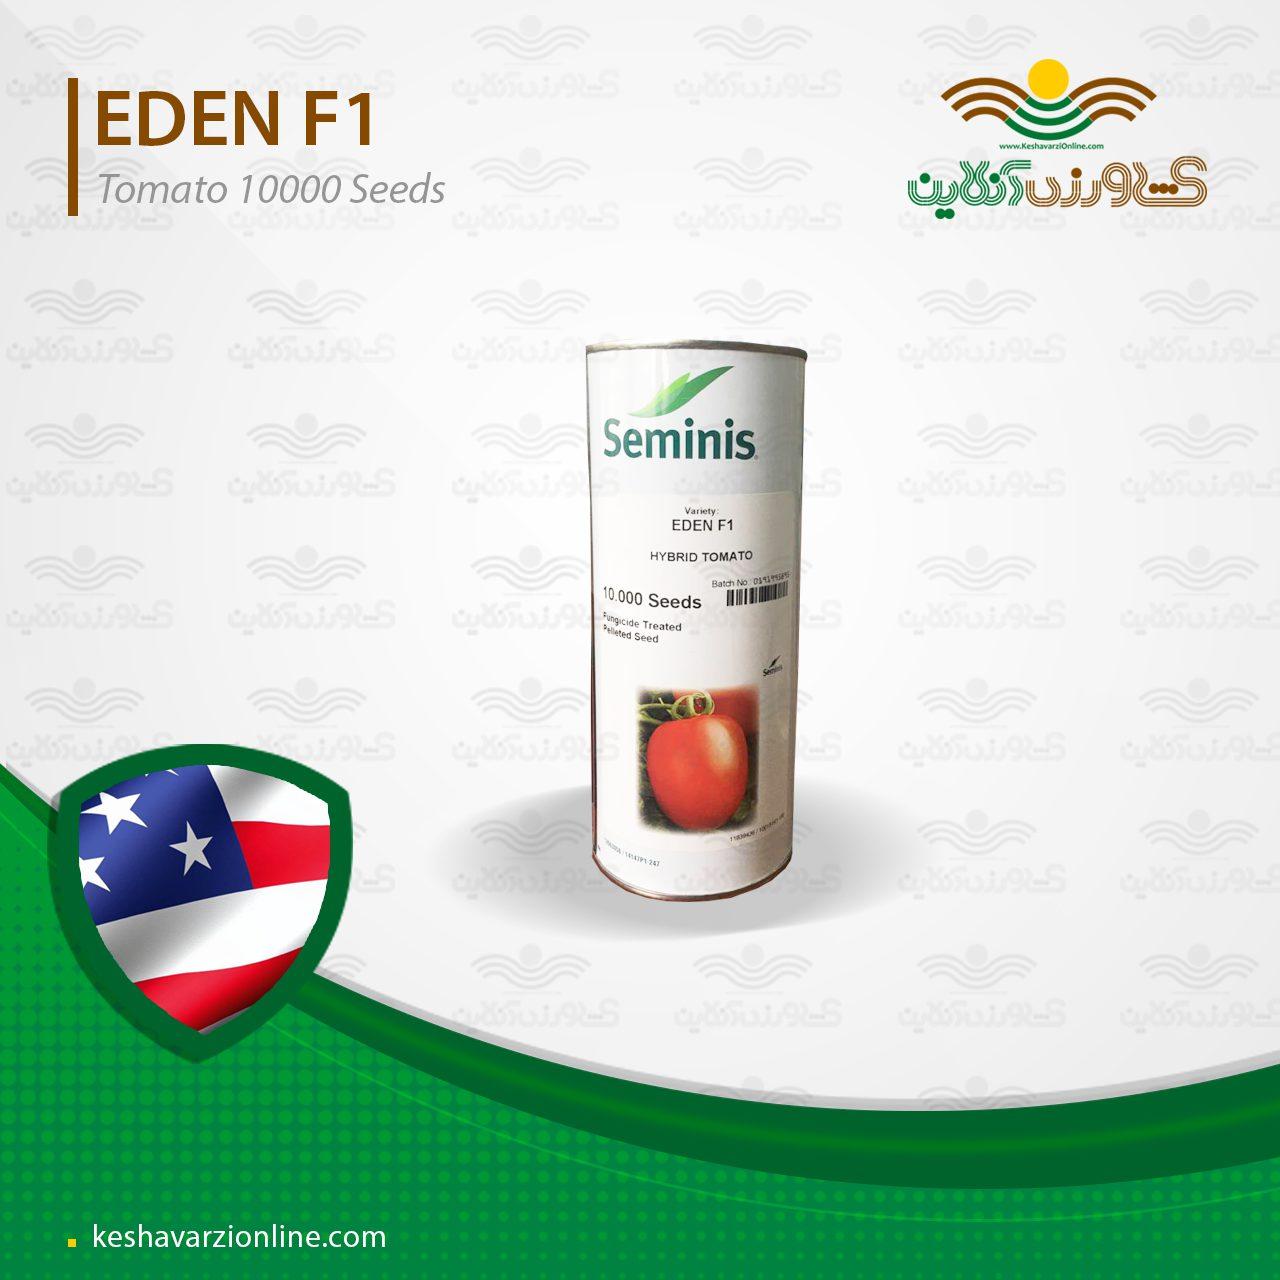 بذر گوجه فرنگی ایدن یا ادن